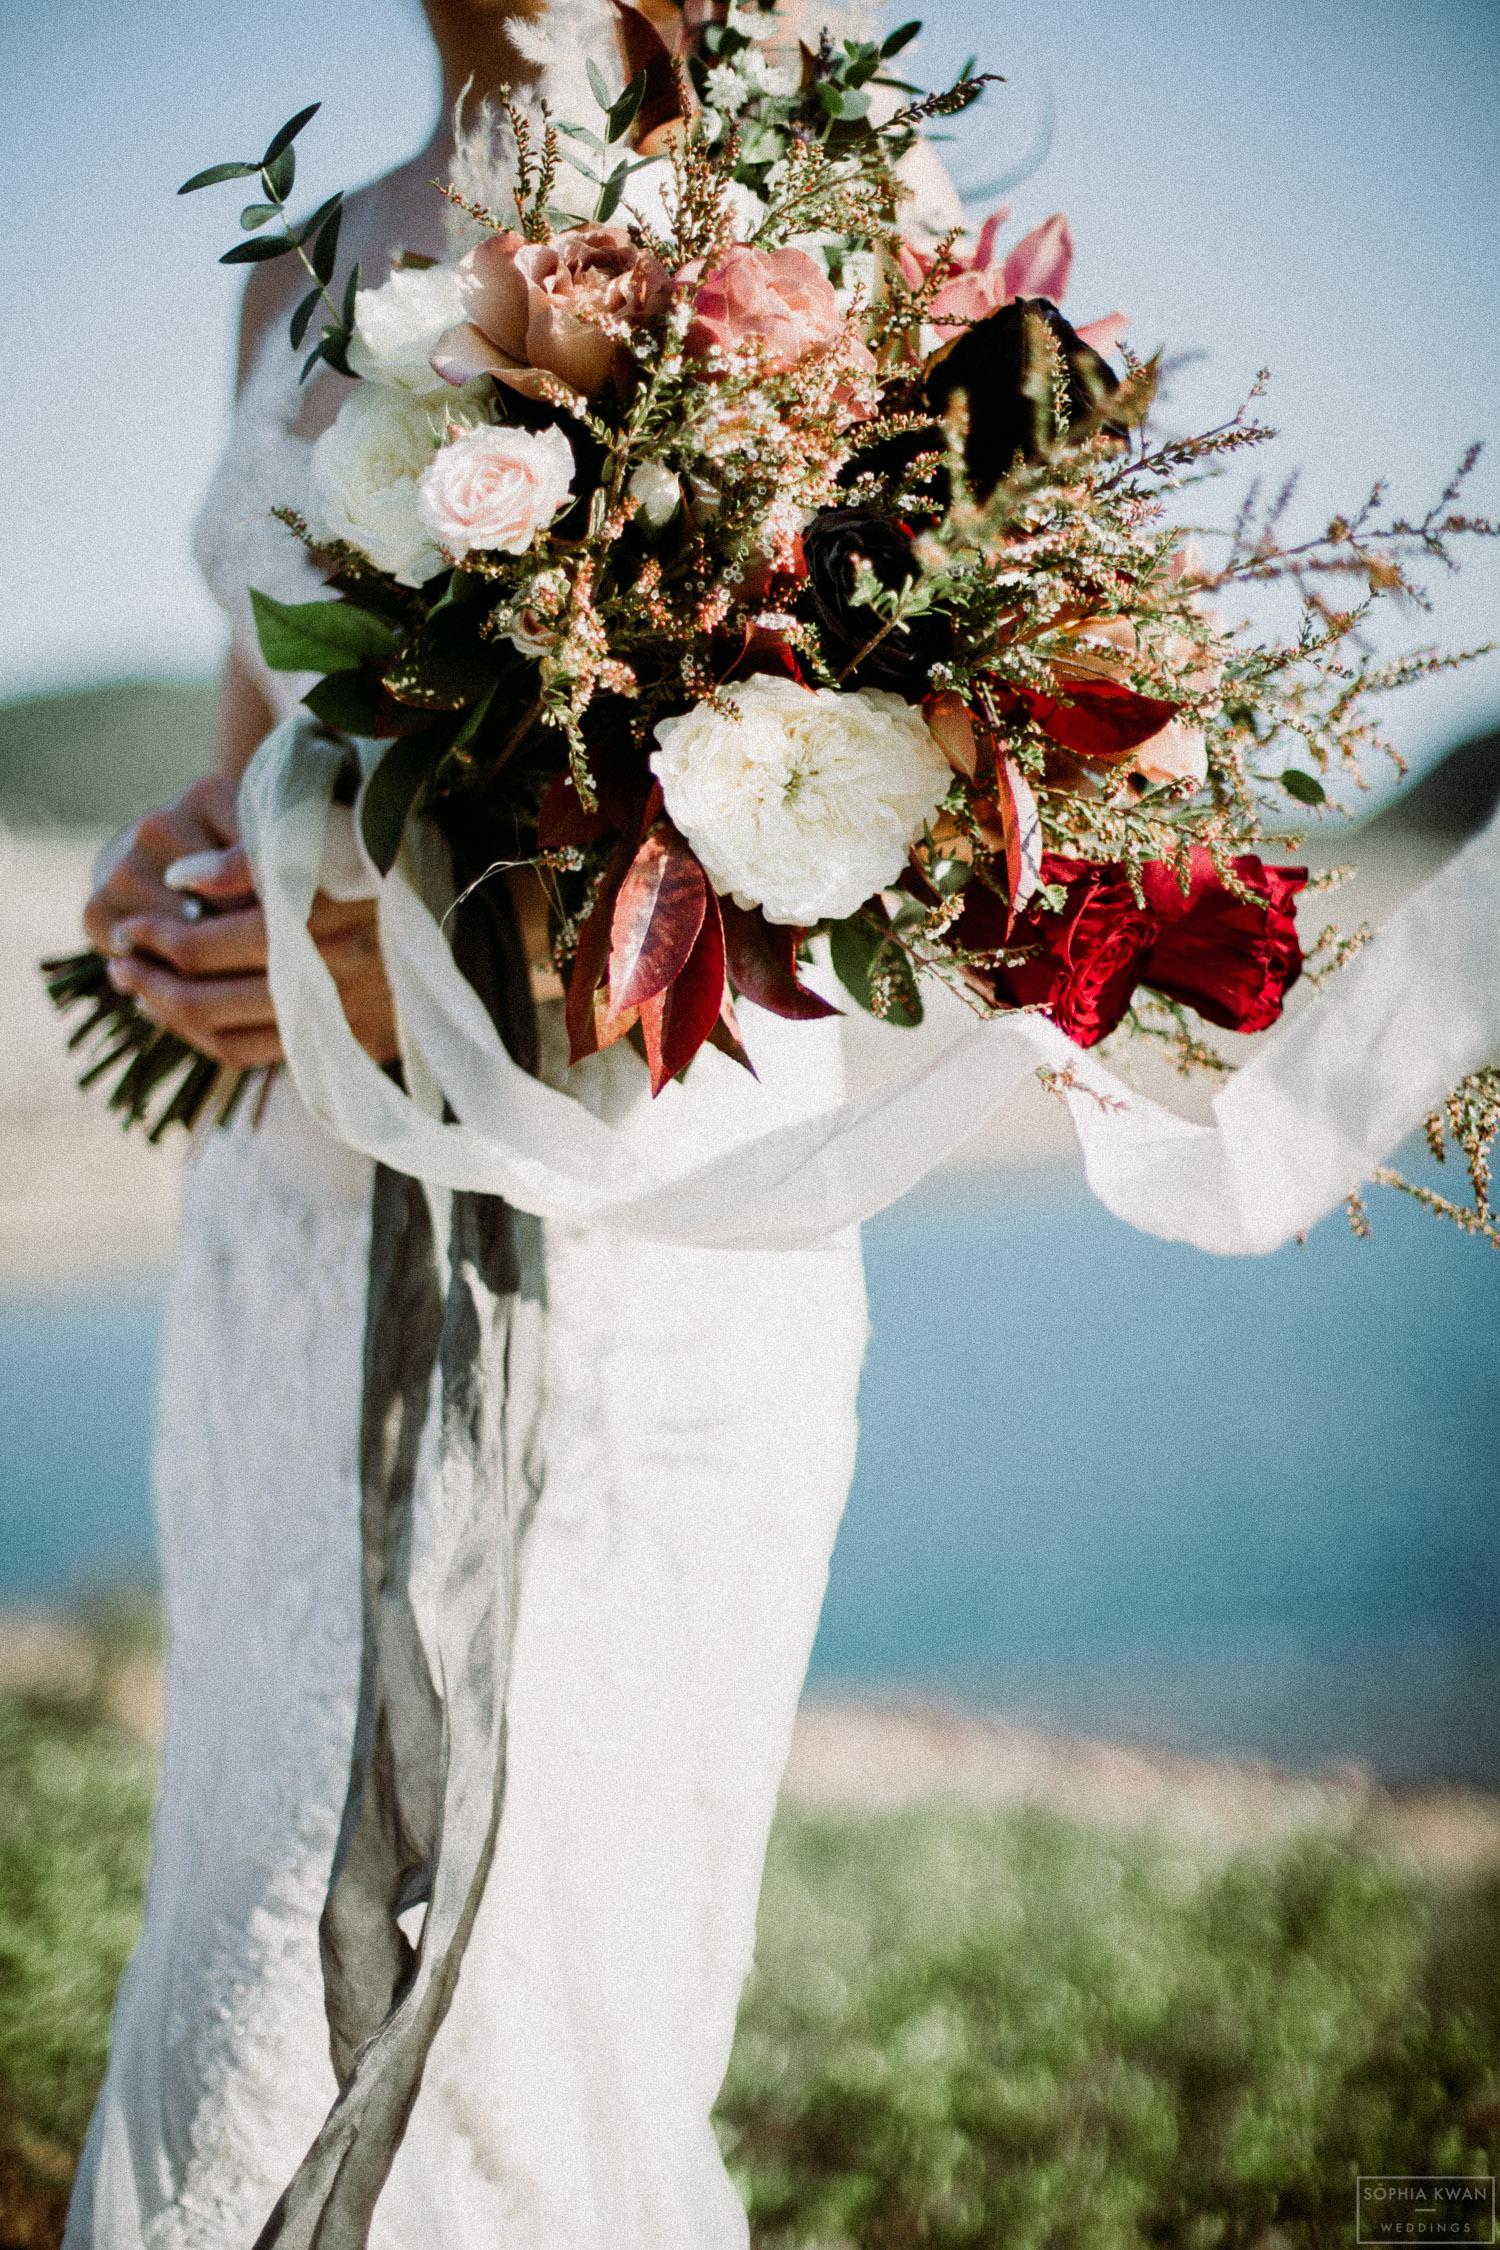 13-kd-sophia-kwan-weddings.jpg